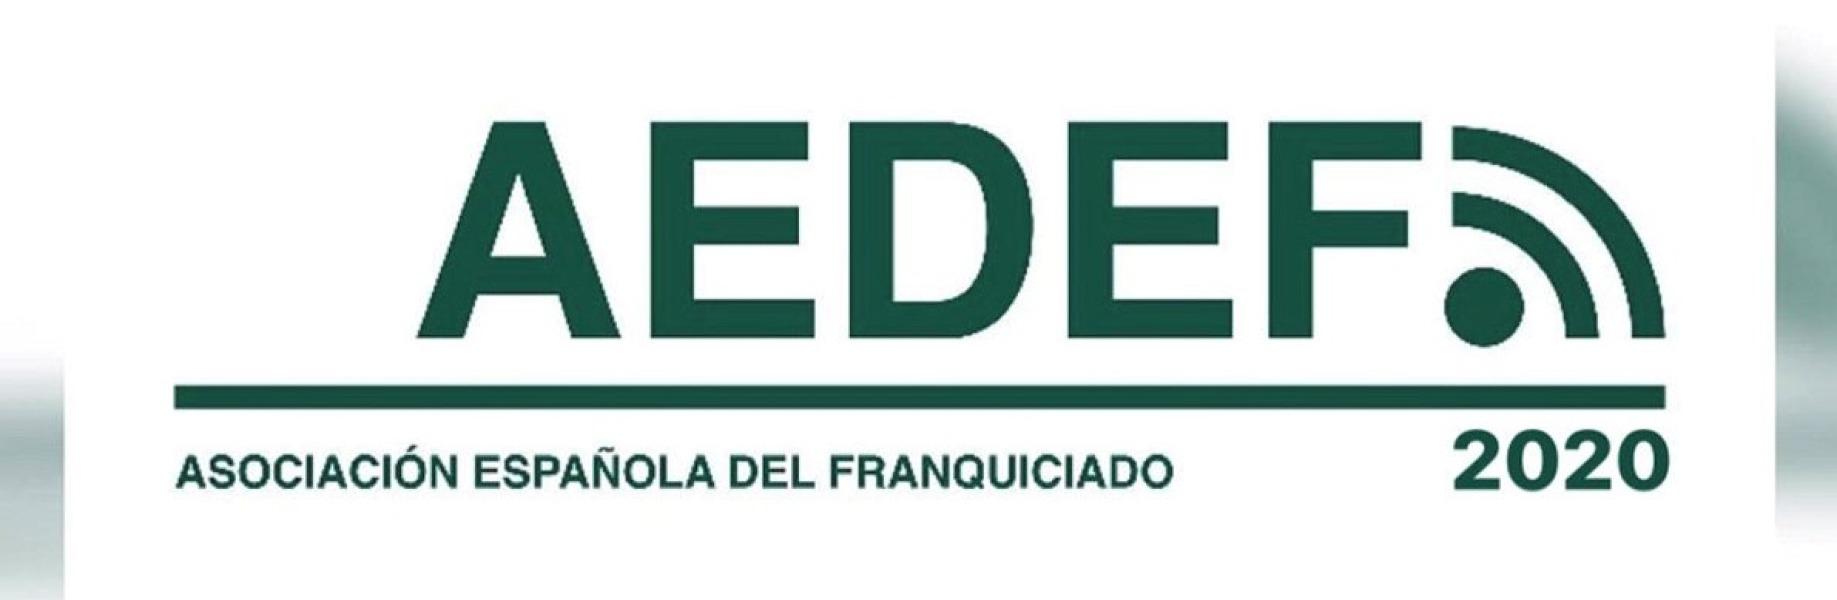 logo-aedef-animatium